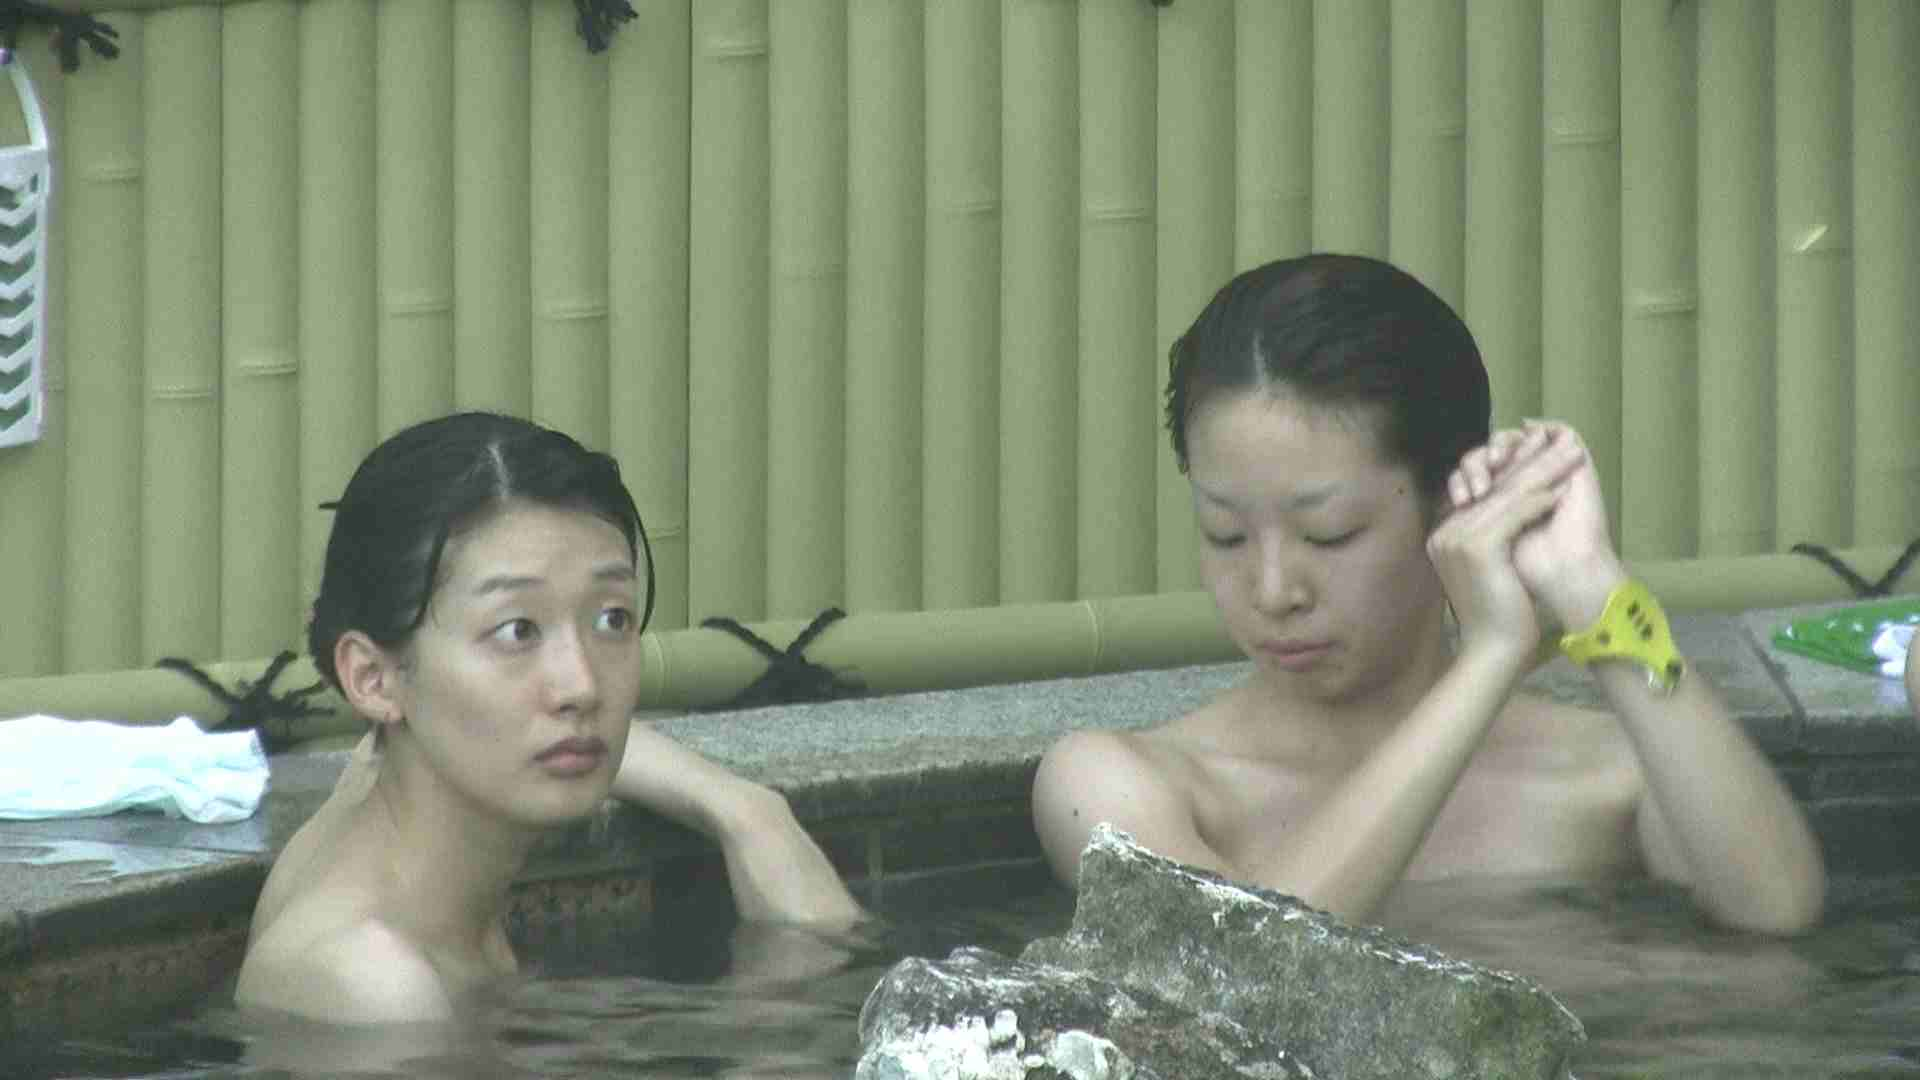 Aquaな露天風呂Vol.195 綺麗なOLたち | 盗撮  93枚 43